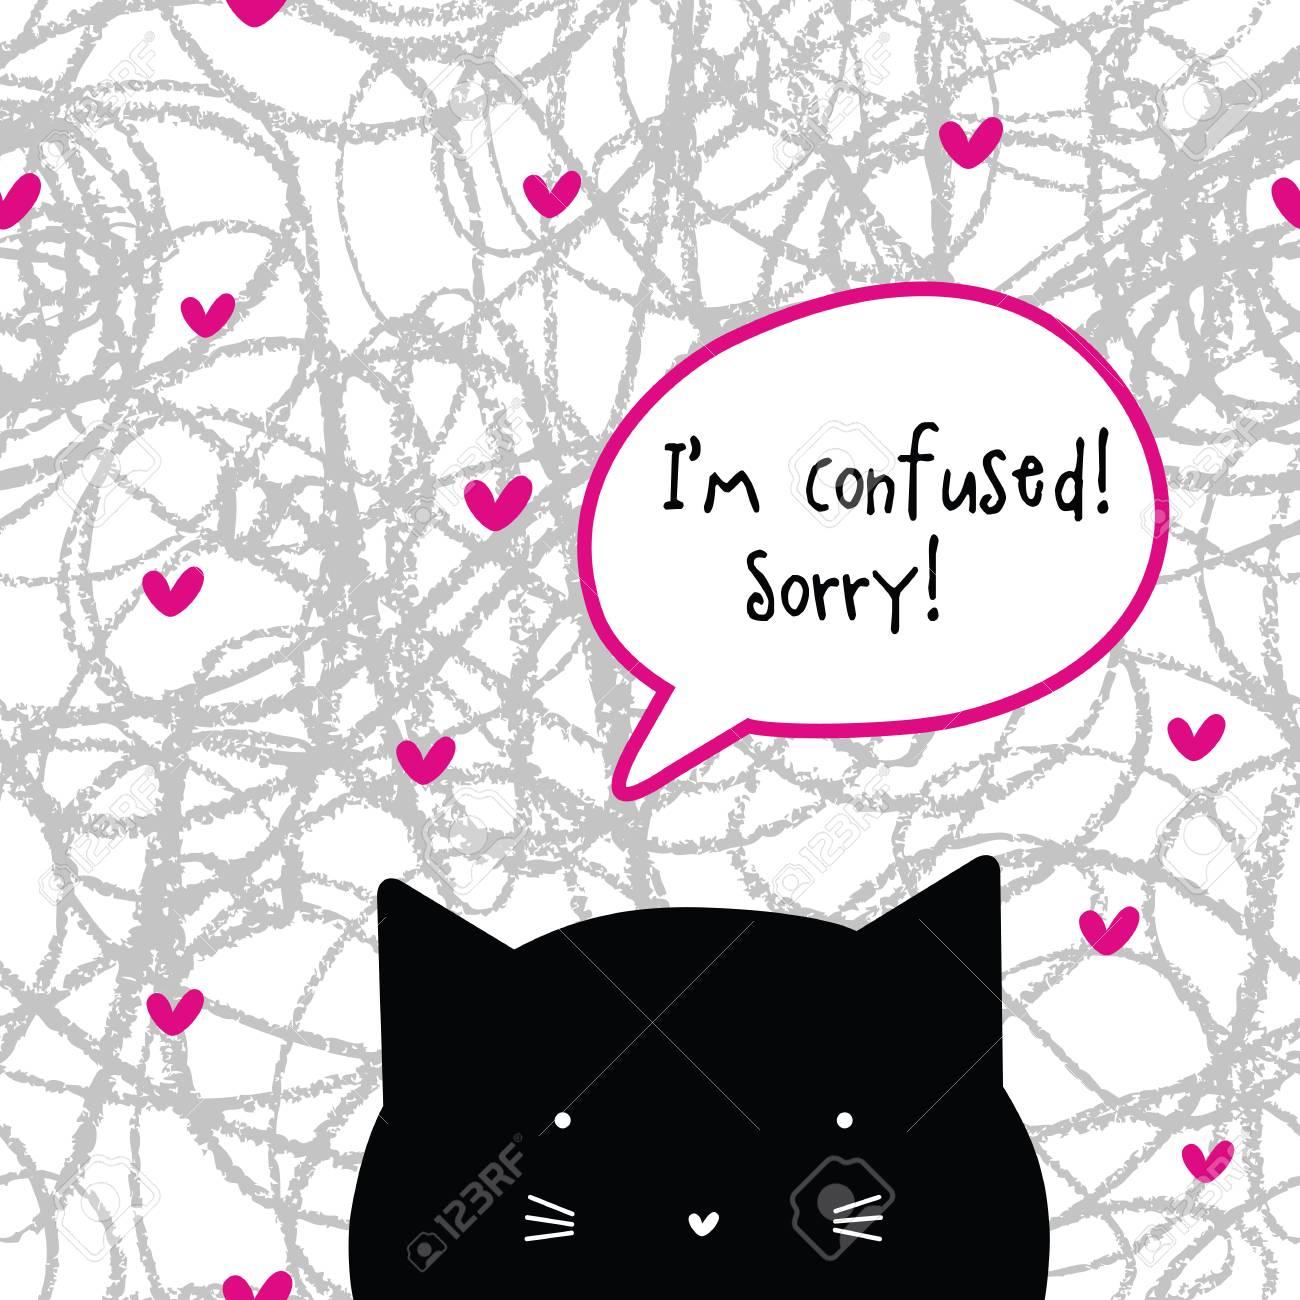 Je Suis Confus Pardon Caractère De Chat Bulle Chat Talk Clip Art Libres De Droits Vecteurs Et Illustration Image 76466217